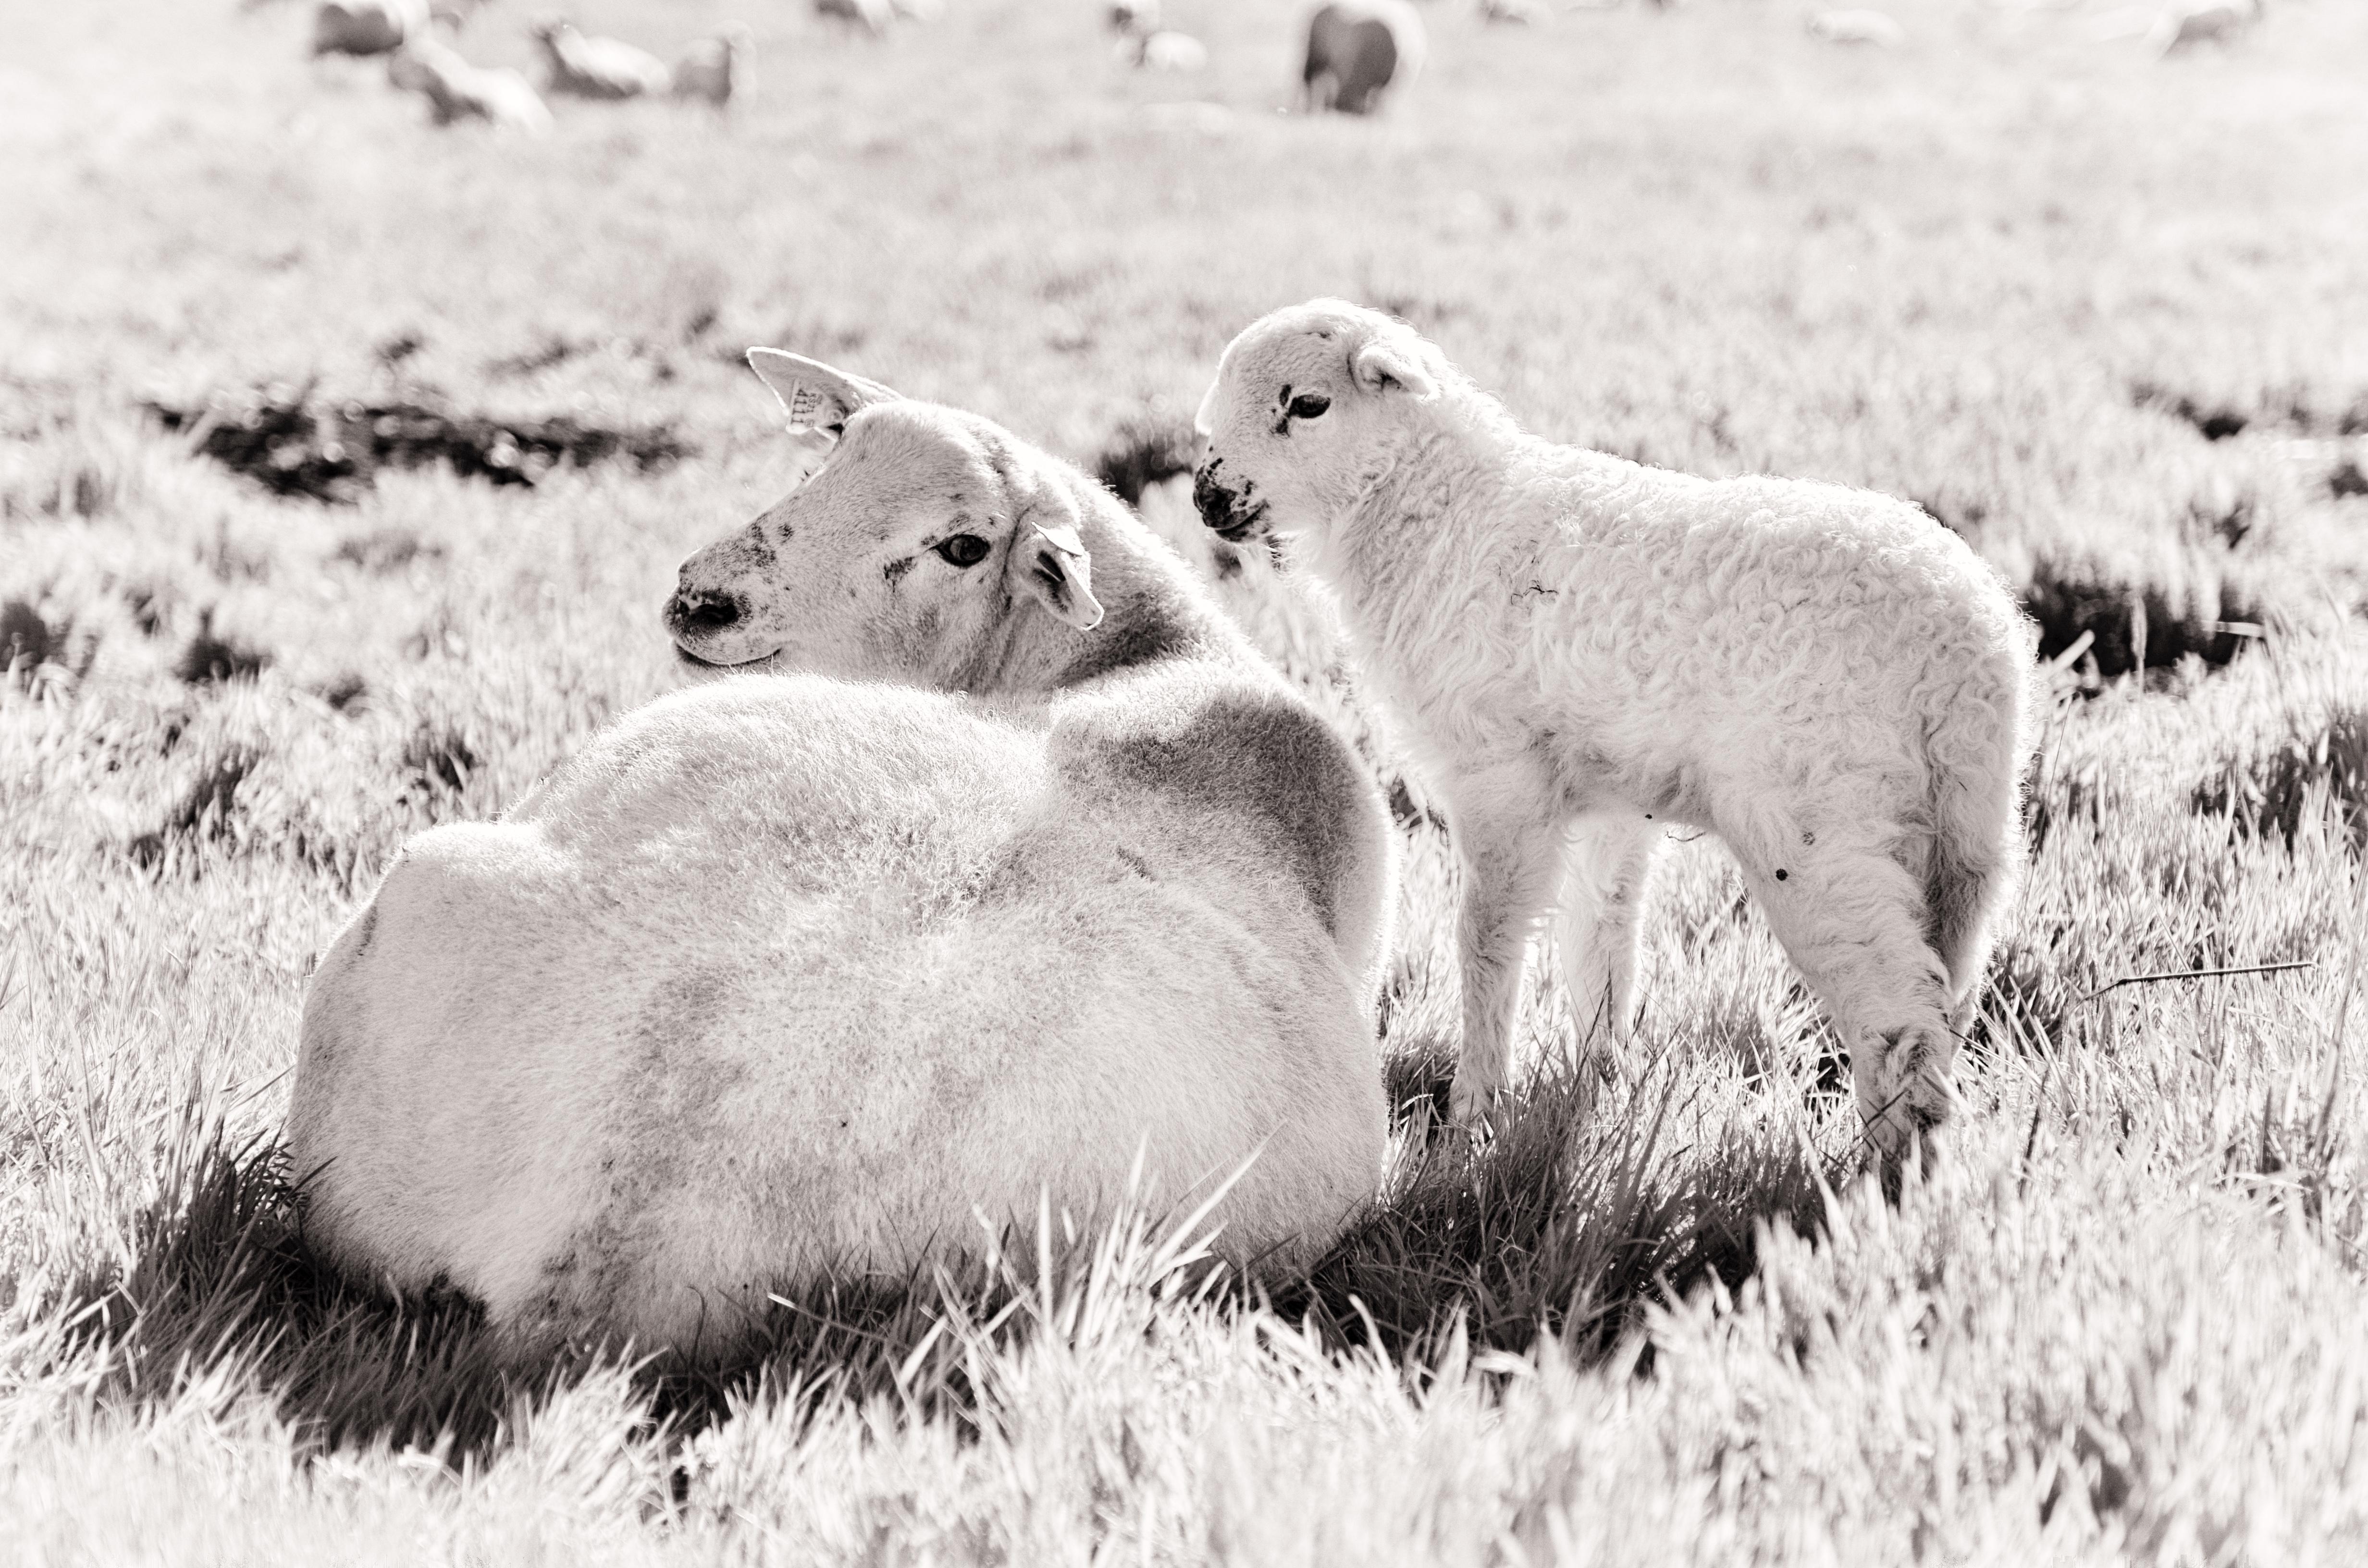 Sheep & Lamb at Paicines Ranch